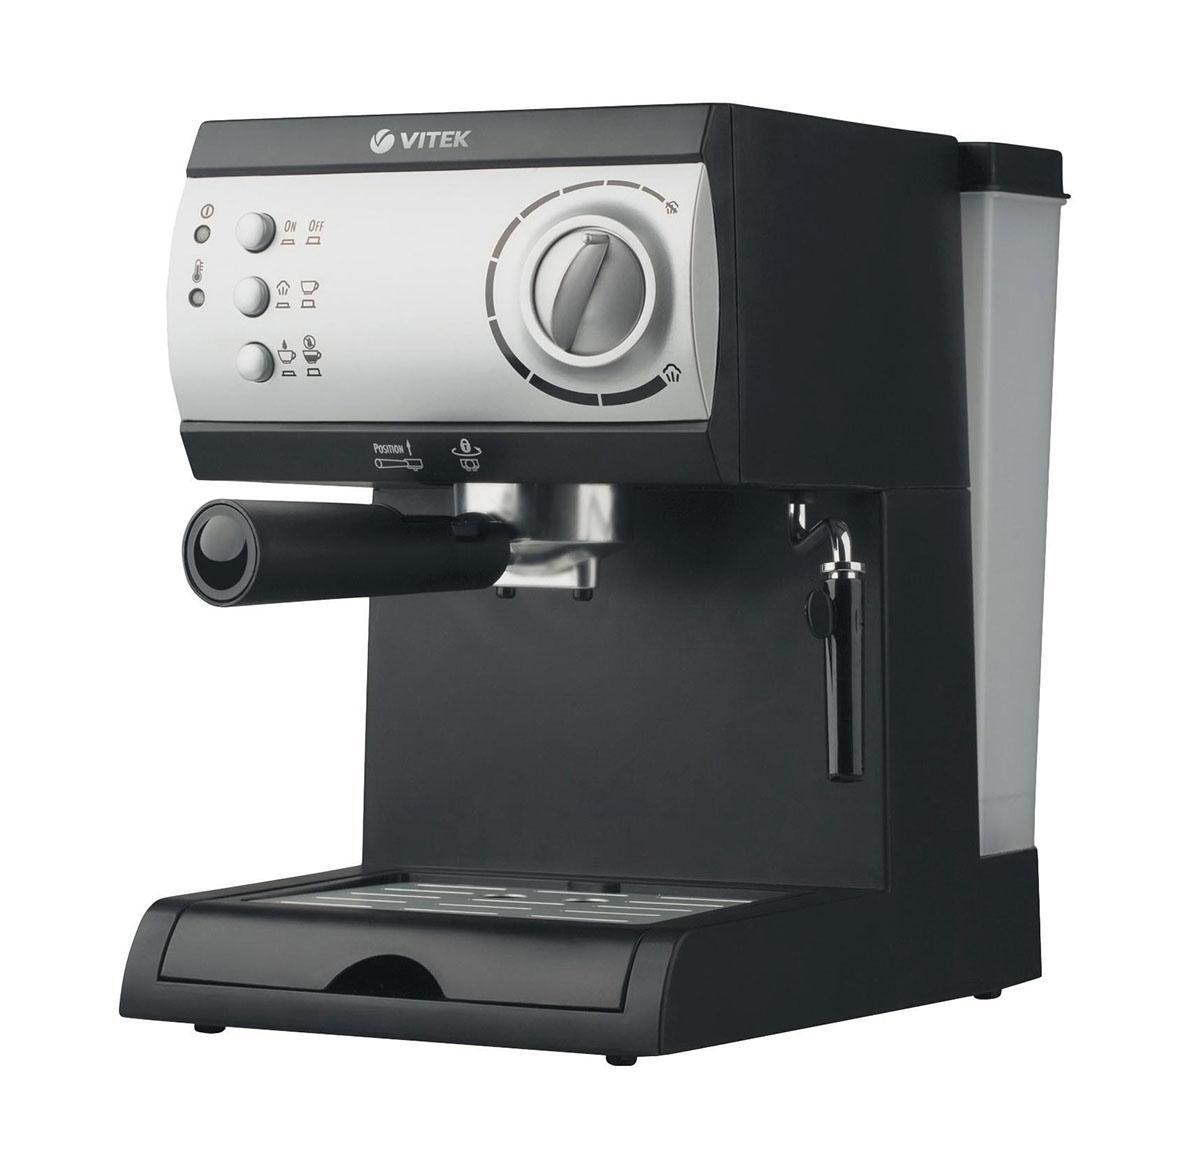 Кофеварка Vitek VT-1511 BlackVT-1511 BlackКофеварка, съемная емкость для воды, мерная ложка, инструкцияКак выбрать кофеварку. Статья OZON Гид